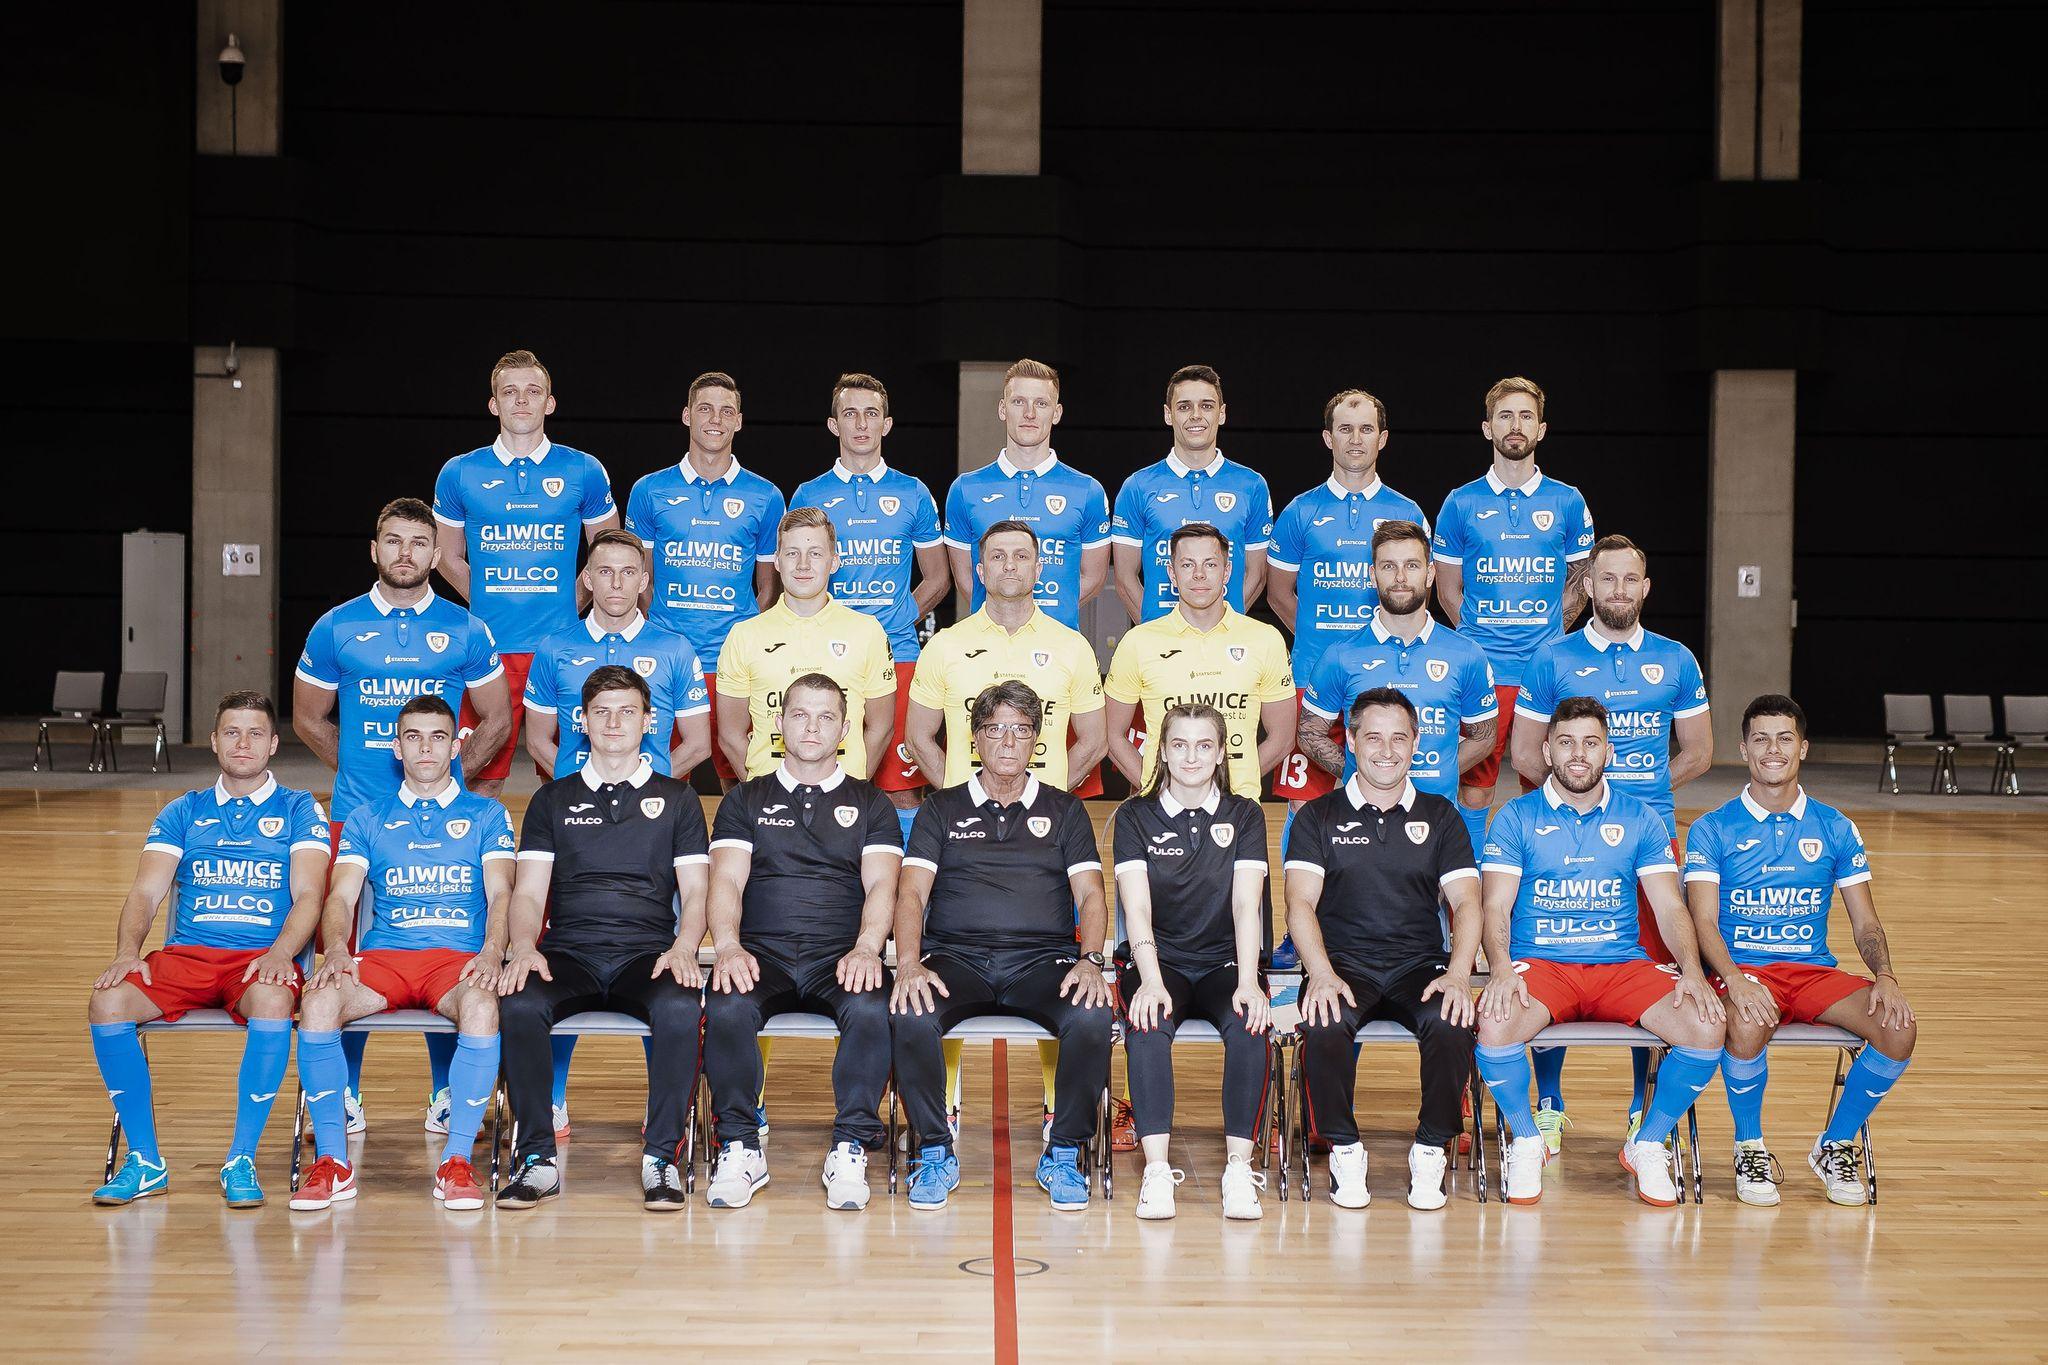 Piast Gliwice drużyna futsalu